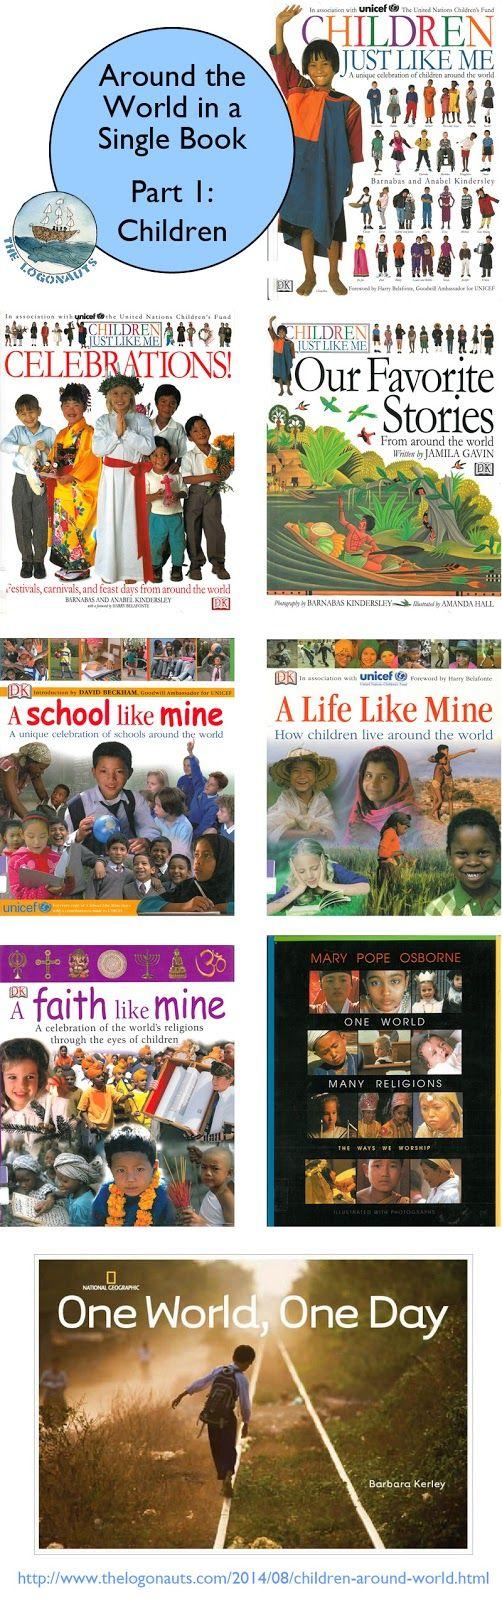 around the world in a single book part 1 children